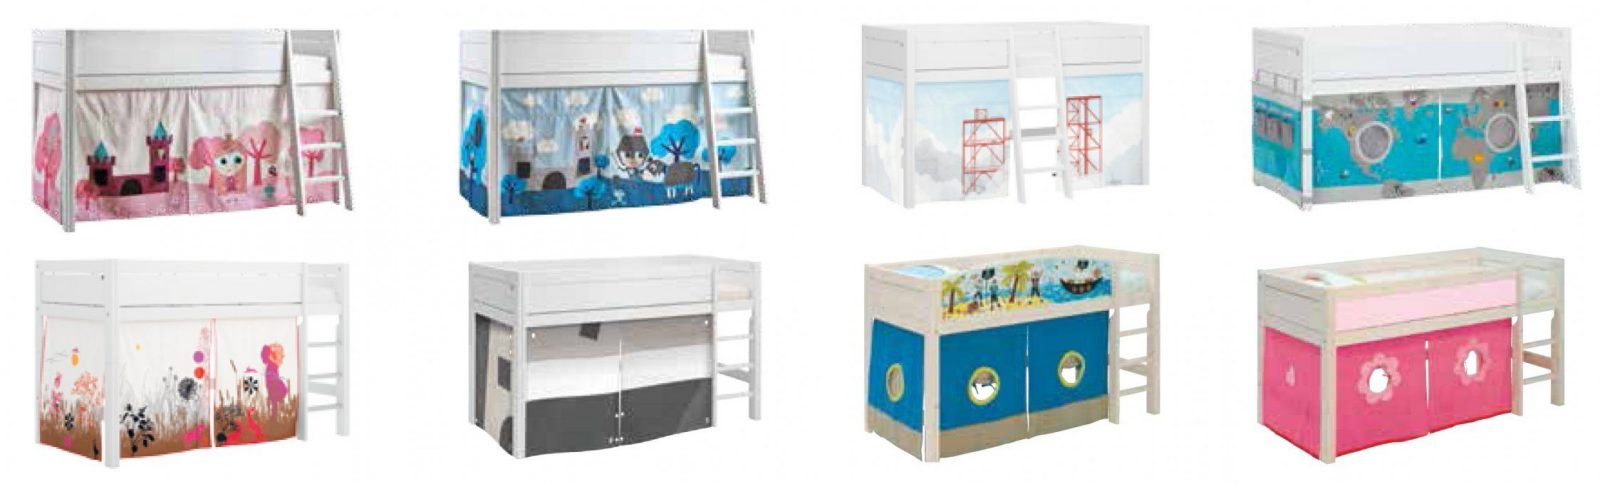 Vorhang Für Hochbett Nähen  Alle Ideen Über Home Design von Hochbett Vorhang Selber Nähen Photo